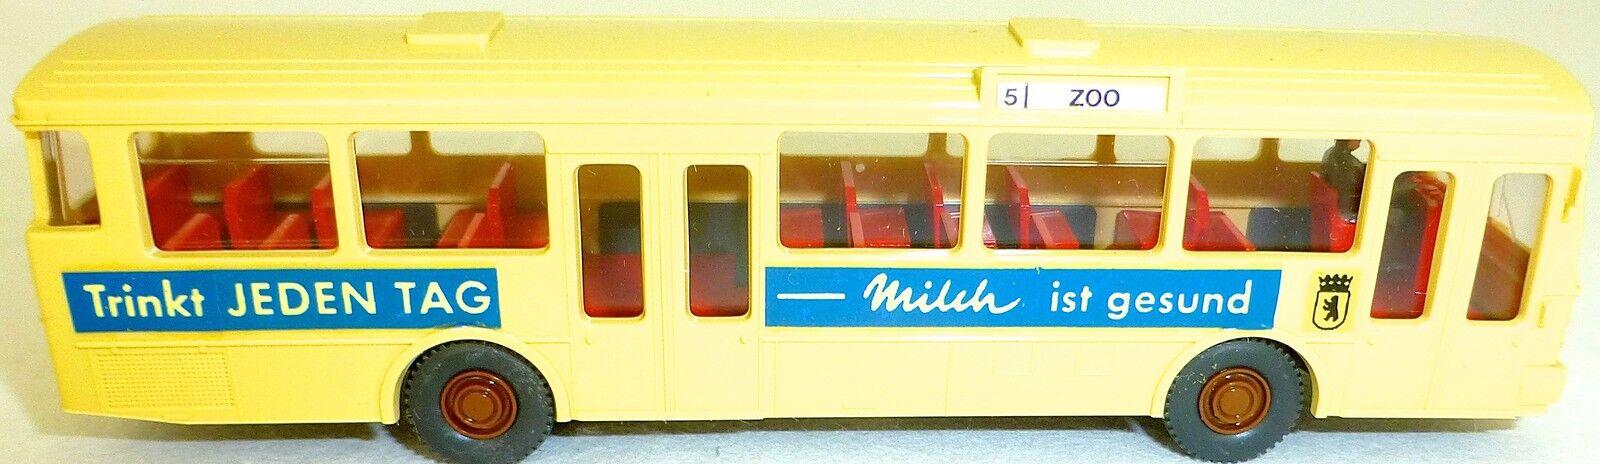 5 zoo trinkt milch milch mb o305 gesupert aus wiking - bus nach gd4 å h0